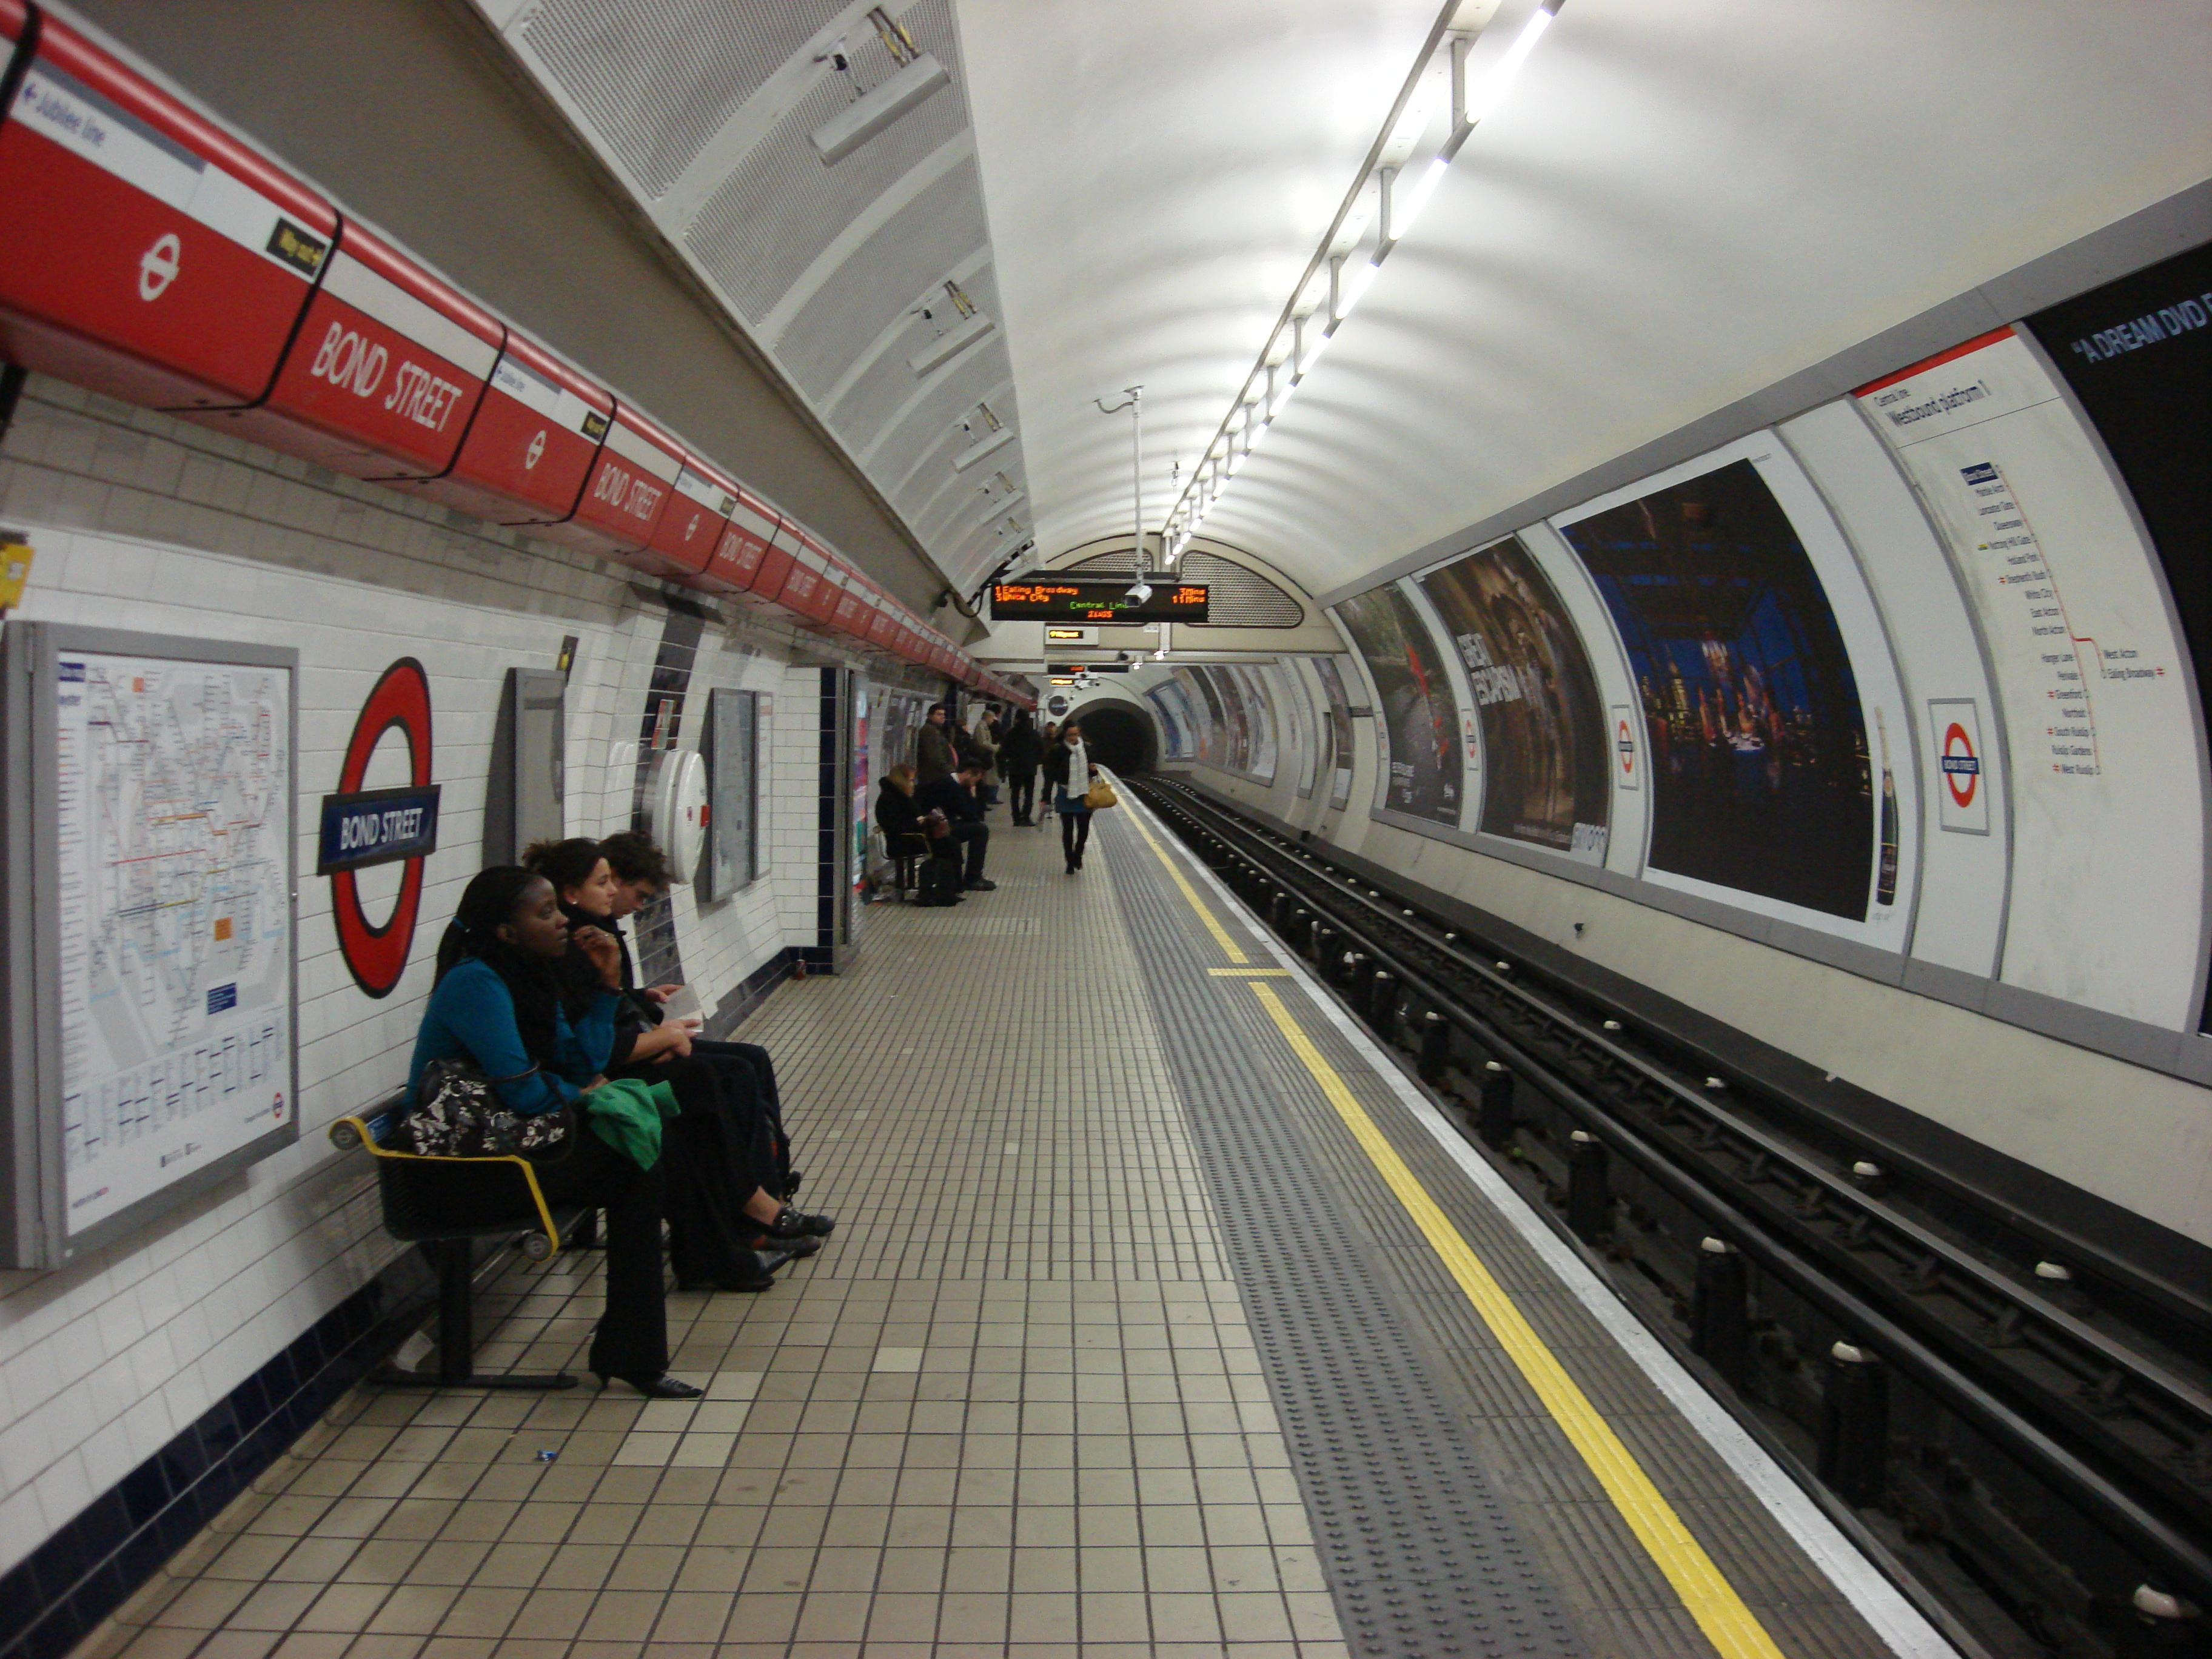 Bond Street tube station #